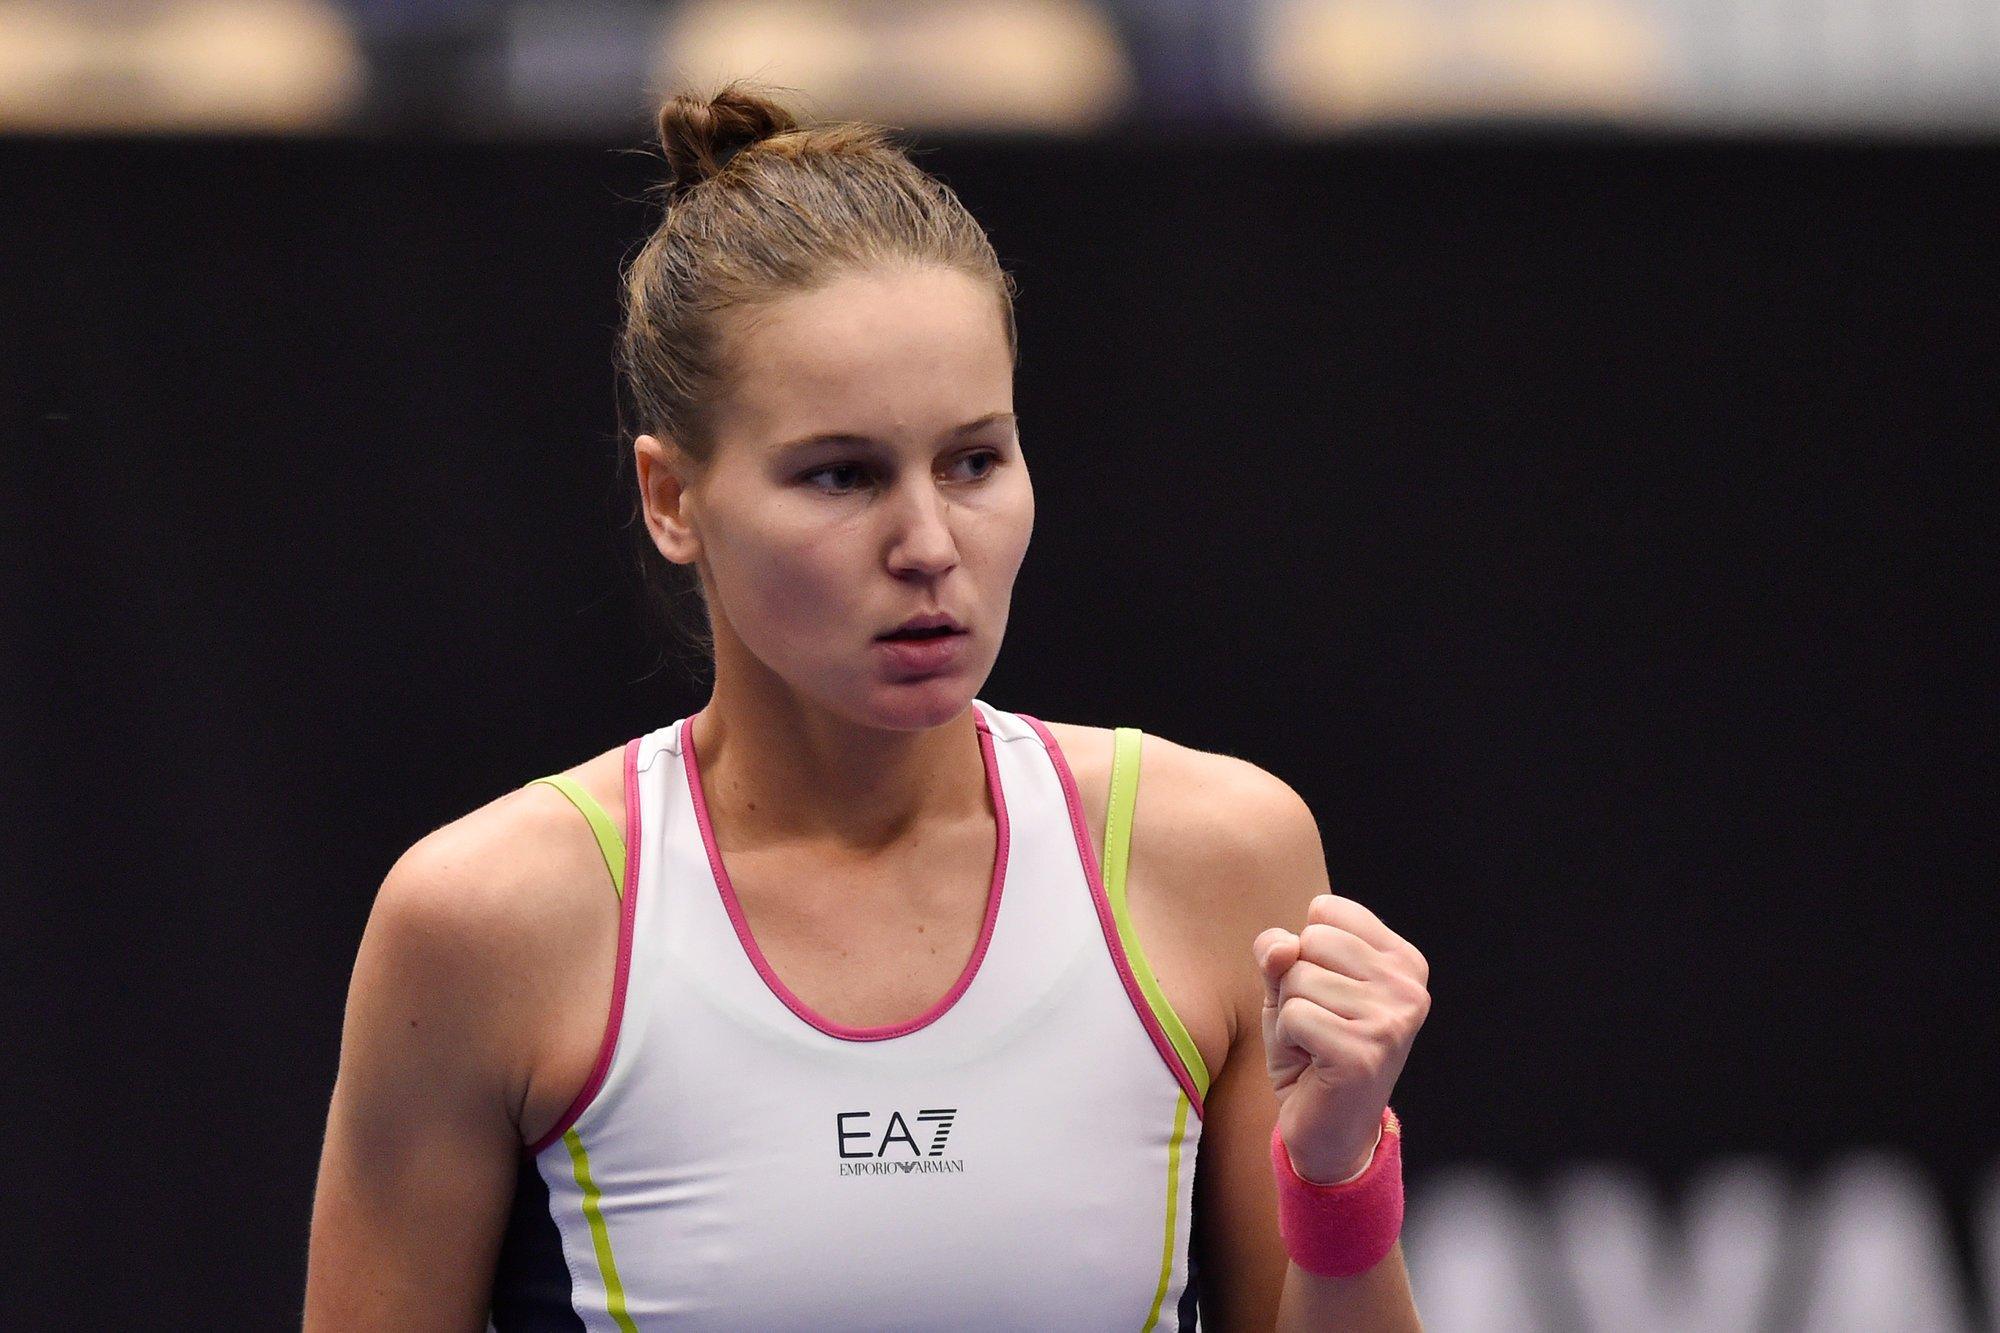 Кудерметова пробилась в четвертьфинал турнира в Чарльстоне